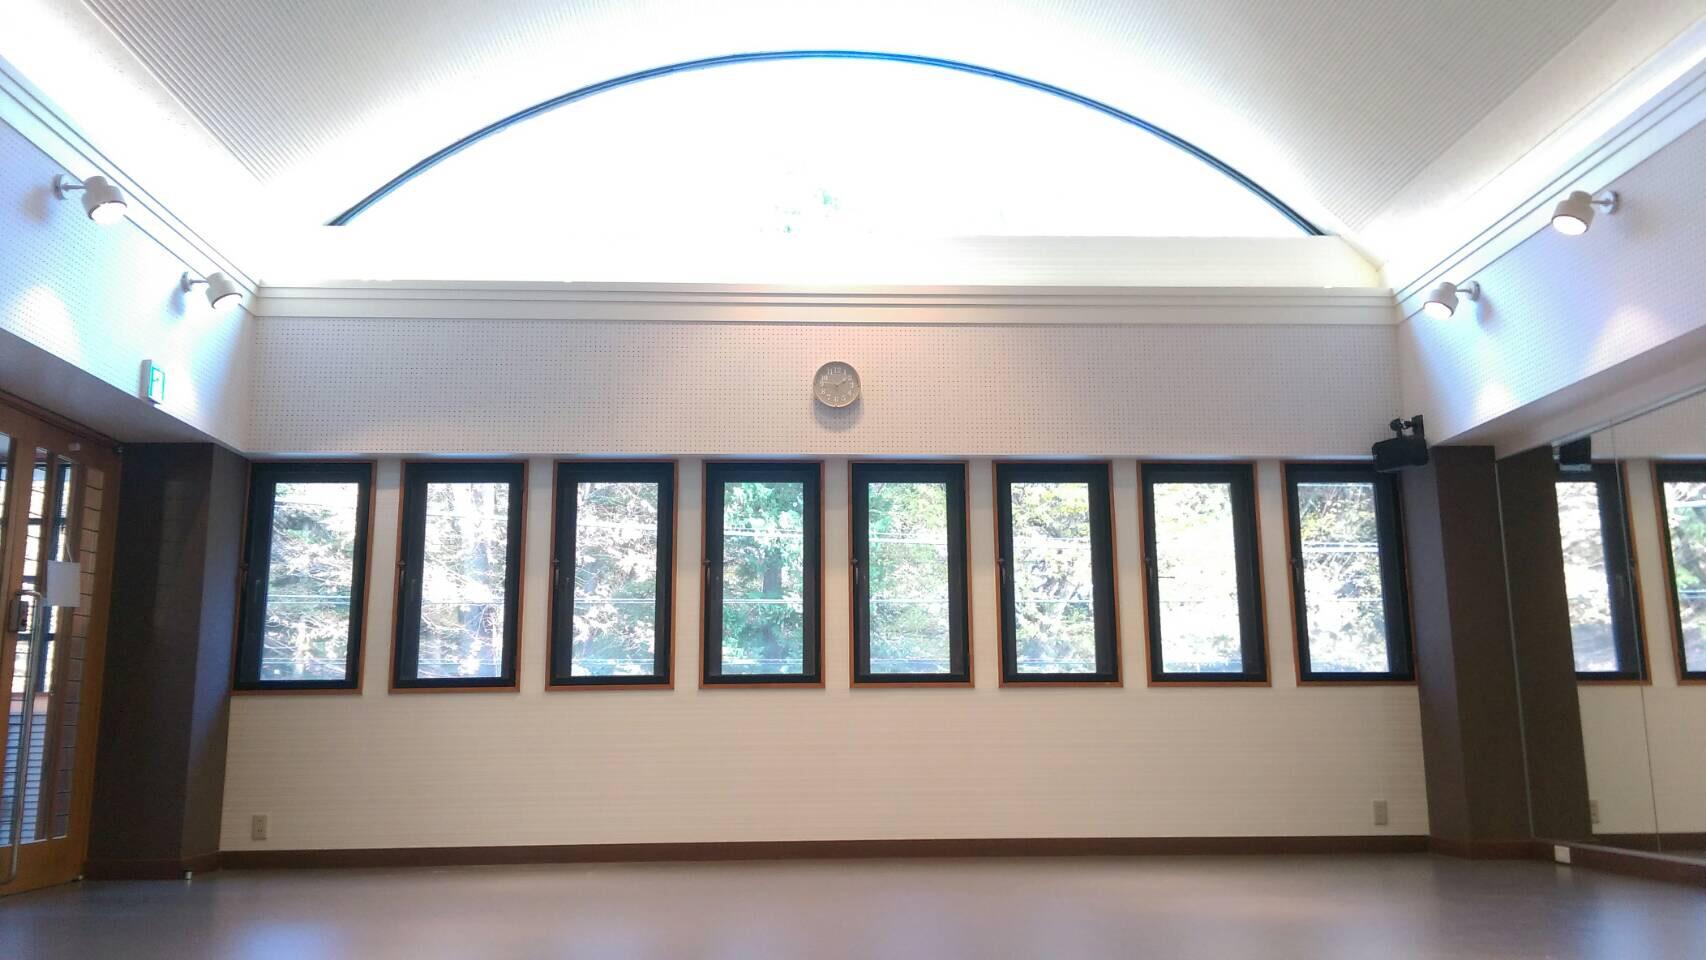 吉祥寺モリノスタジオは天空を望むような天井高4.5Mのイメージ